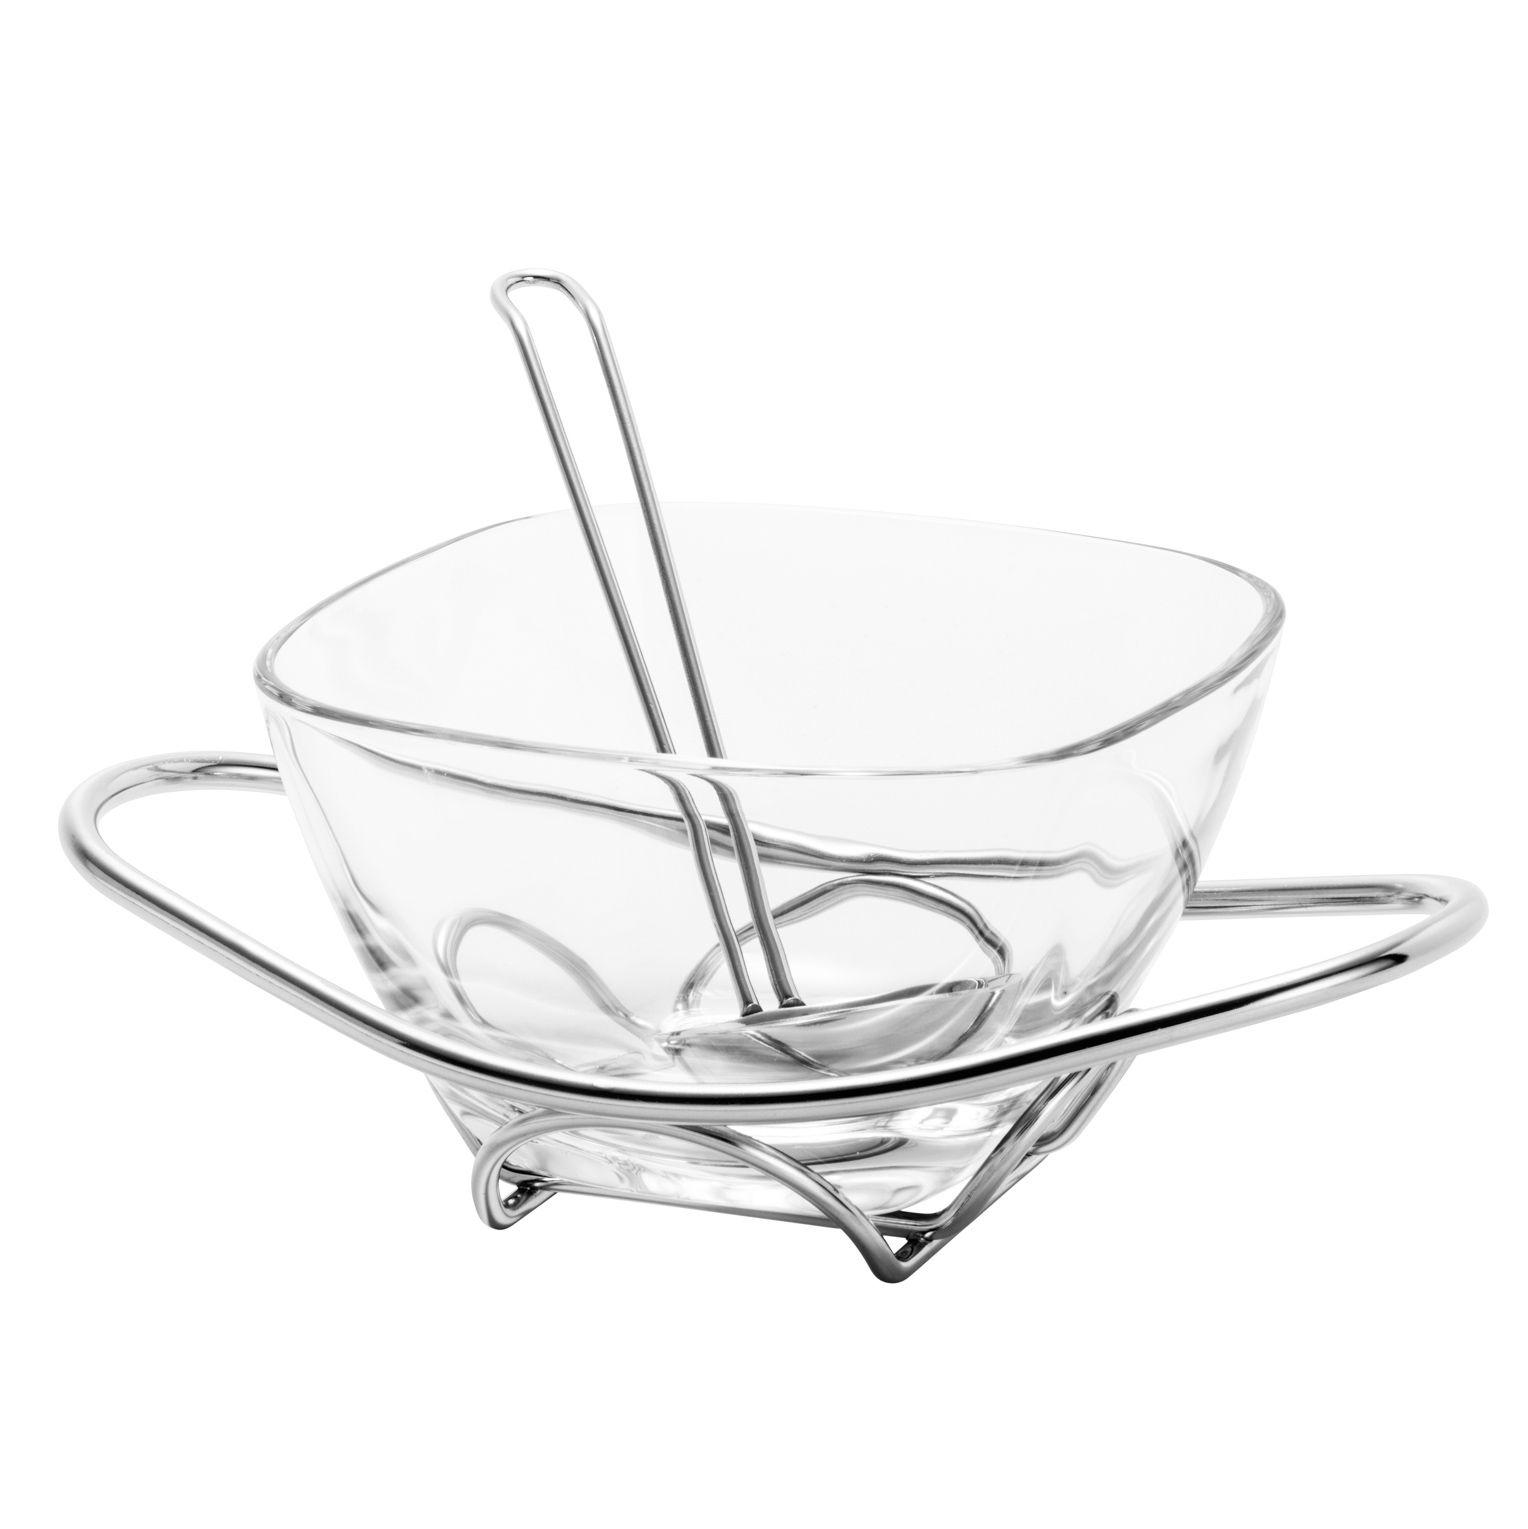 Molheira 700ml de vidro com suporte e concha de aço inox prateado Fenice Wolff - 8695